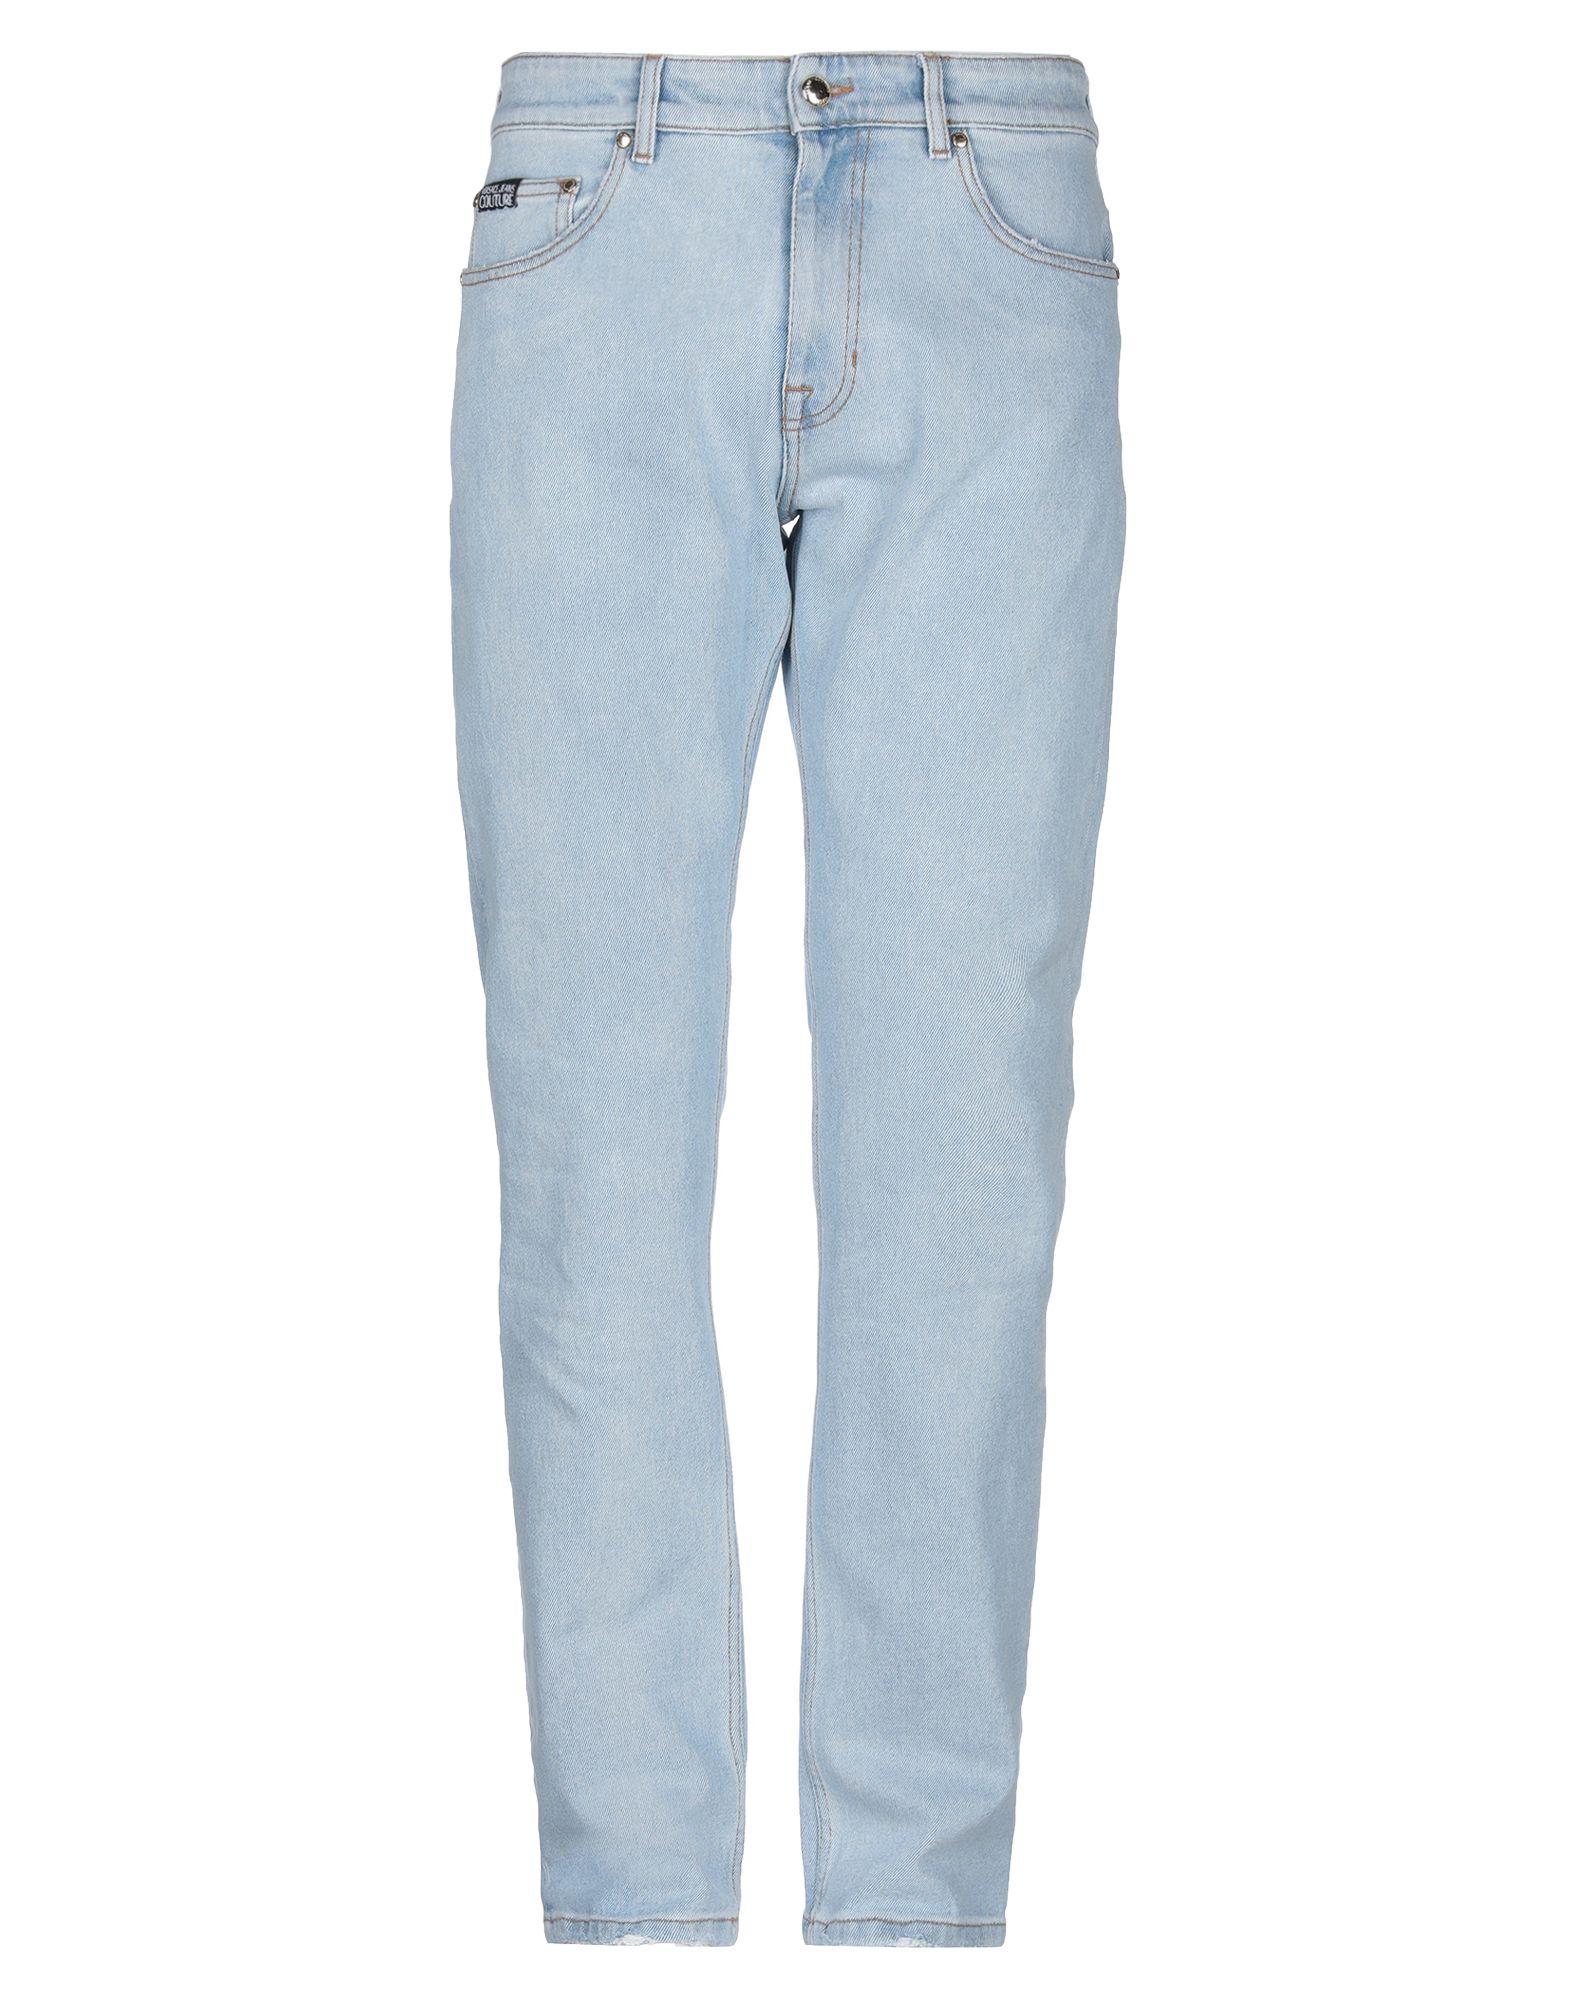 VERSACE JEANS COUTURE Denim pants - Item 42817068